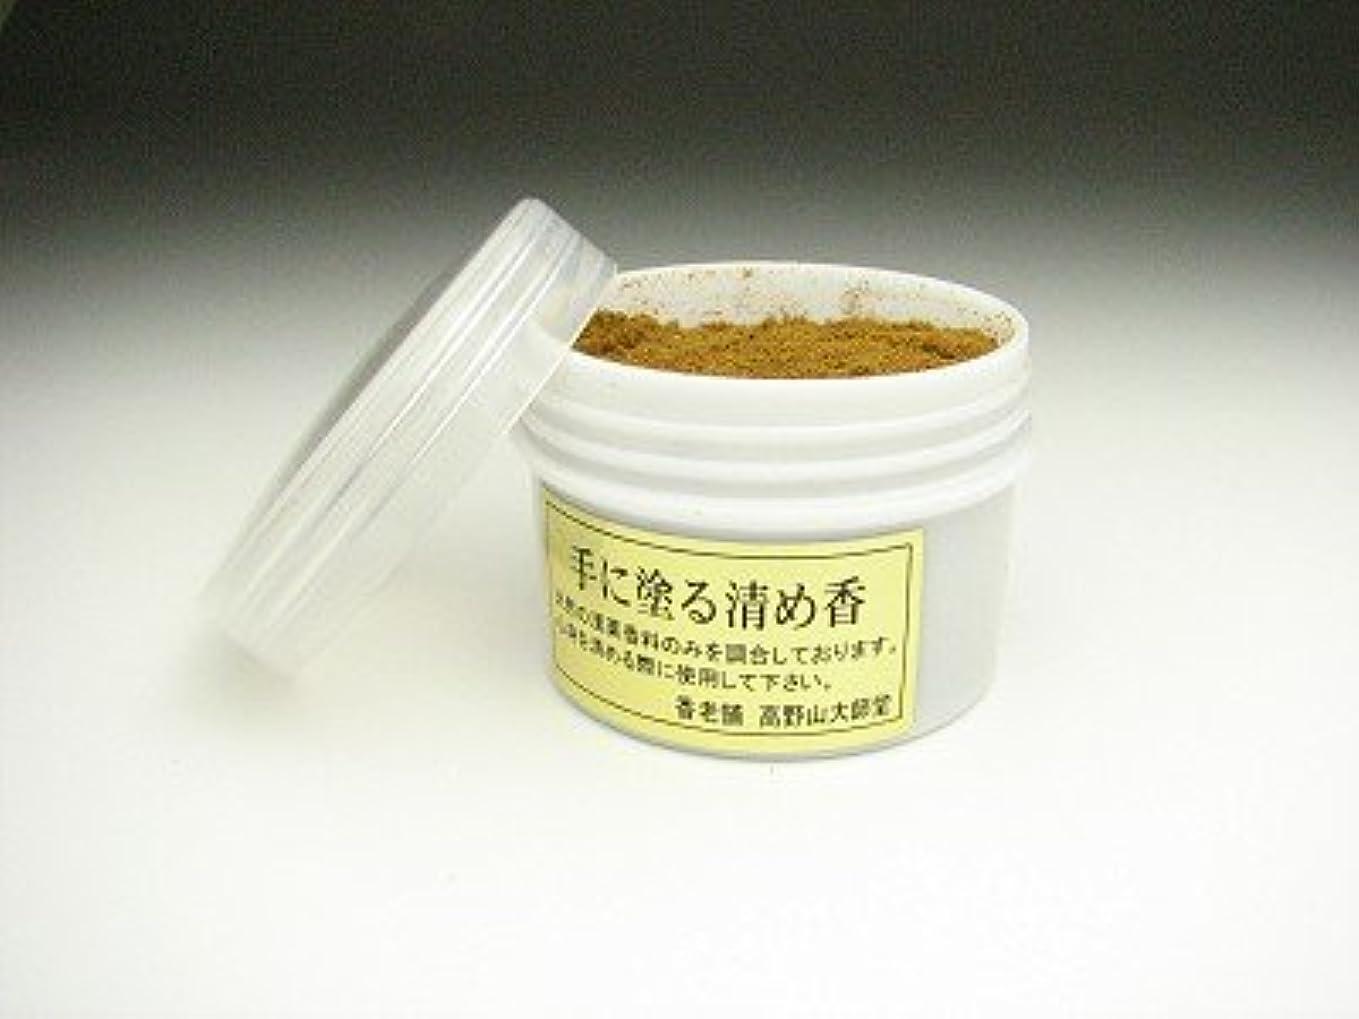 バインド新年矢印塗香 (手に塗る清め香) 15g プラカップ入